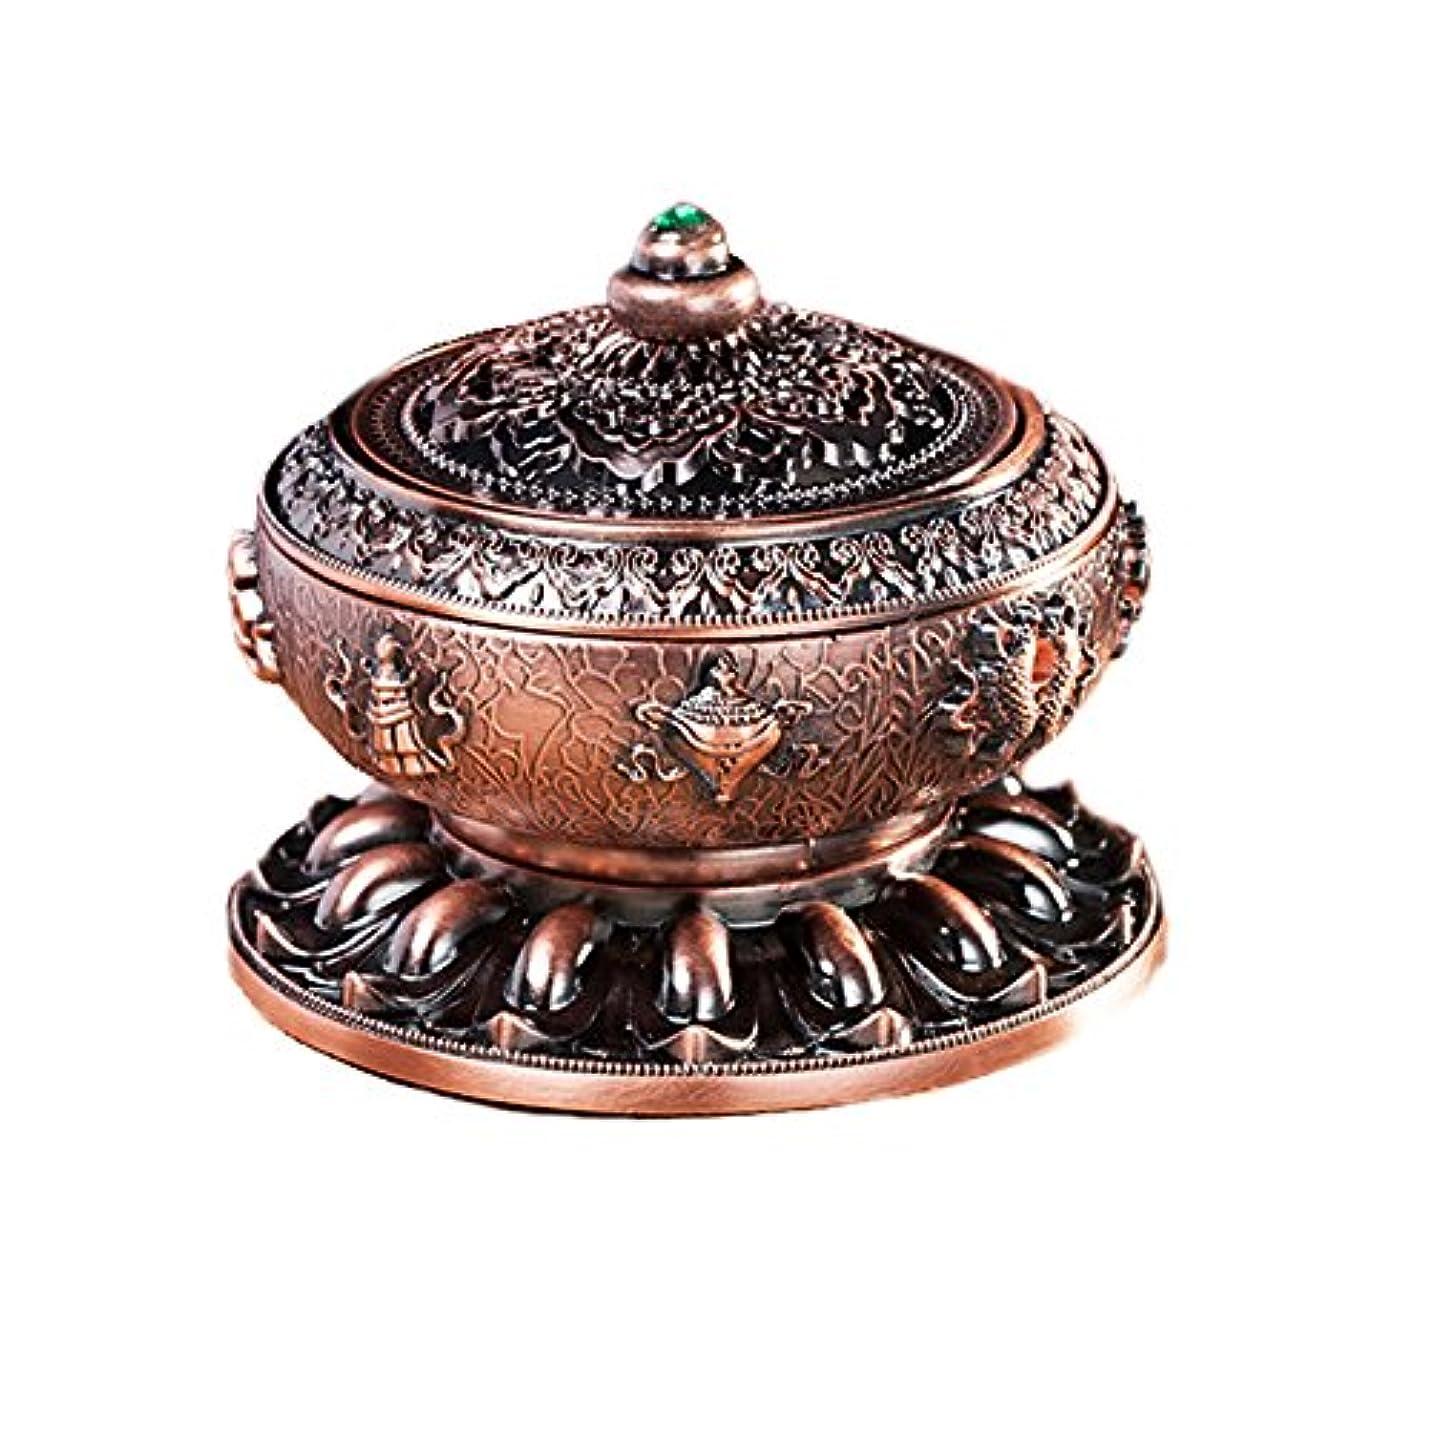 飾り羽コテージ北方BUYSEEY 香炉 青銅 ブロンズ 丸香炉 お香立て 渦巻き線香 などに 香立て付き アロマ(S)